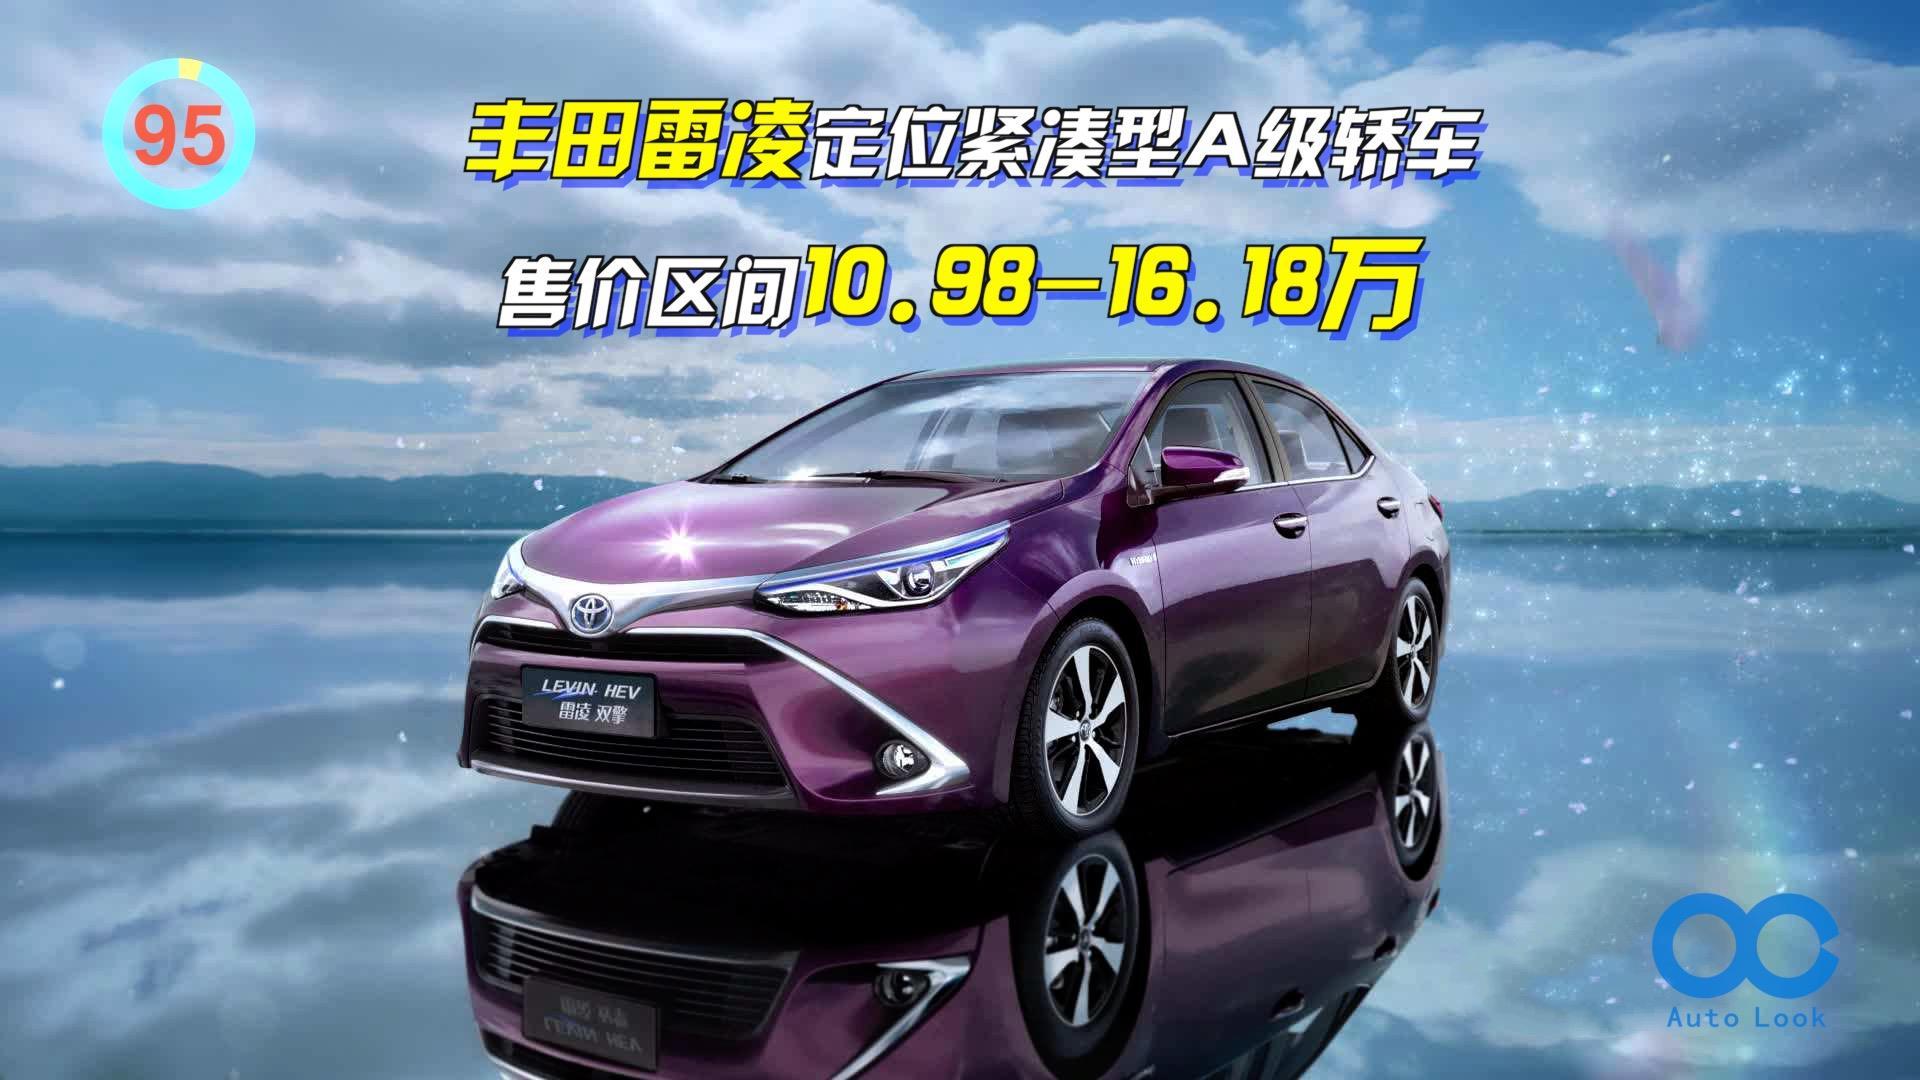 「百秒看车」丰田雷凌 美版卡罗拉 双擎版本油耗仅4L